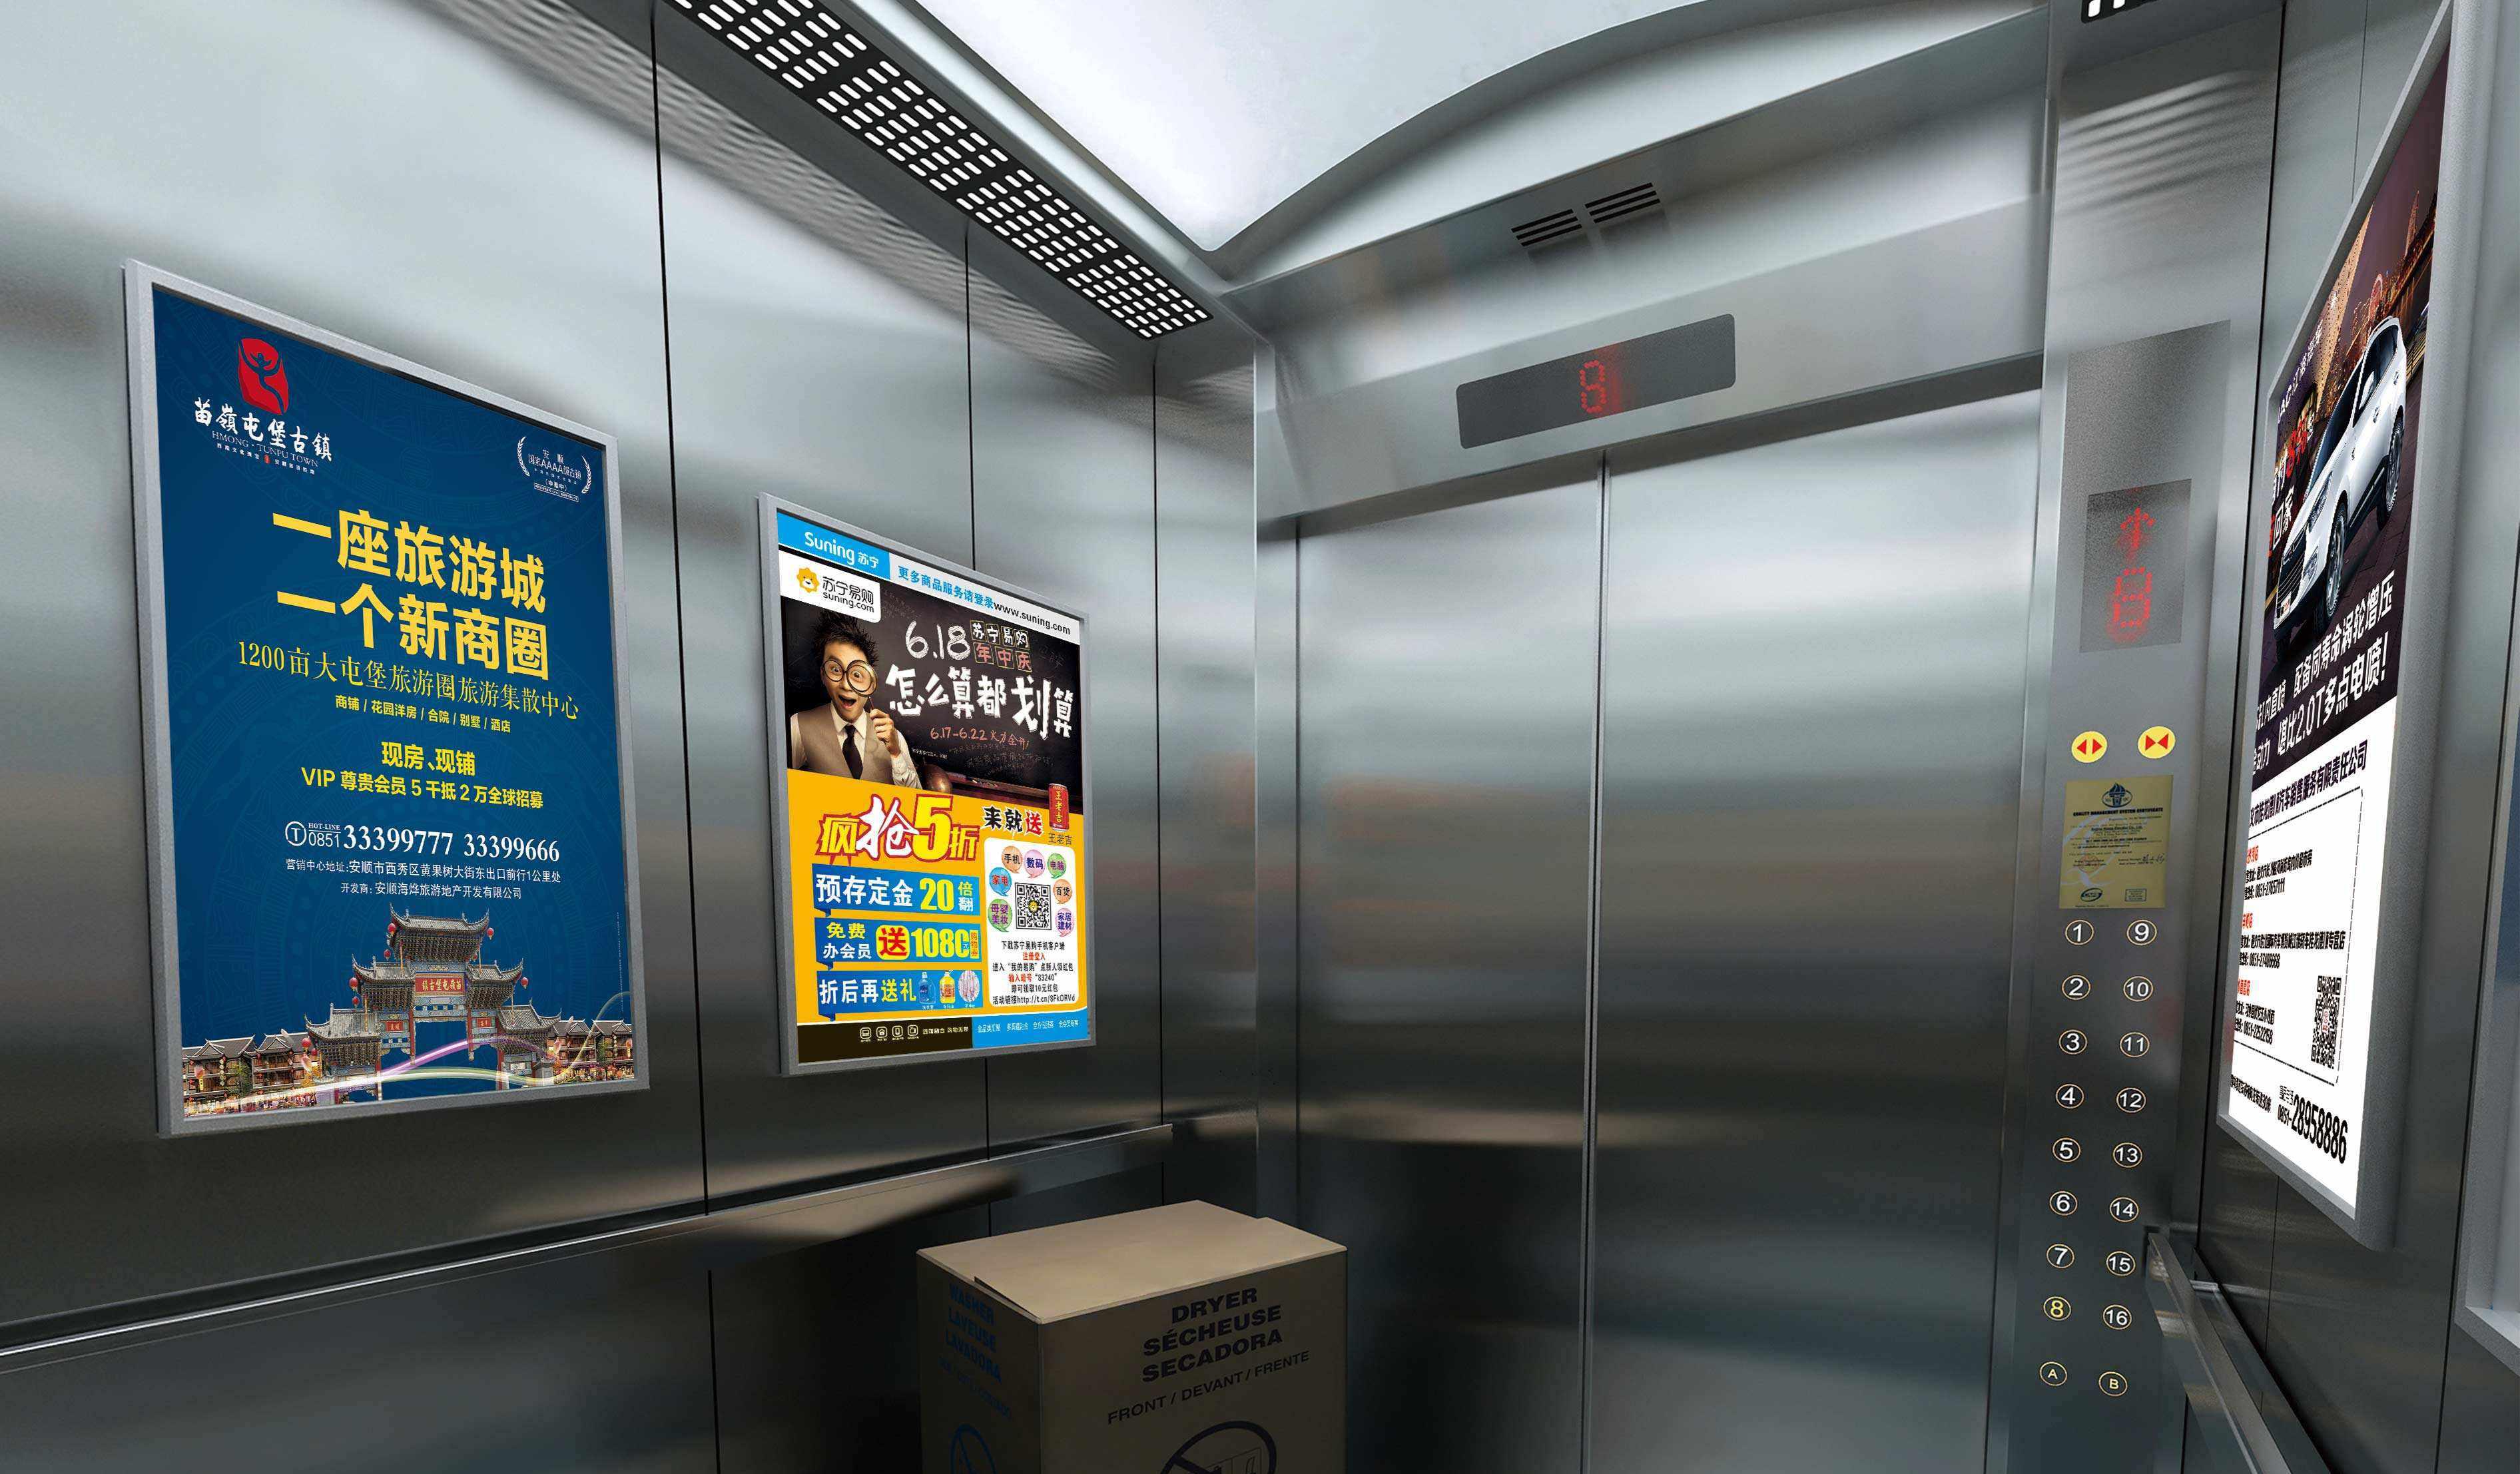 洗脑式电梯广告又来了。